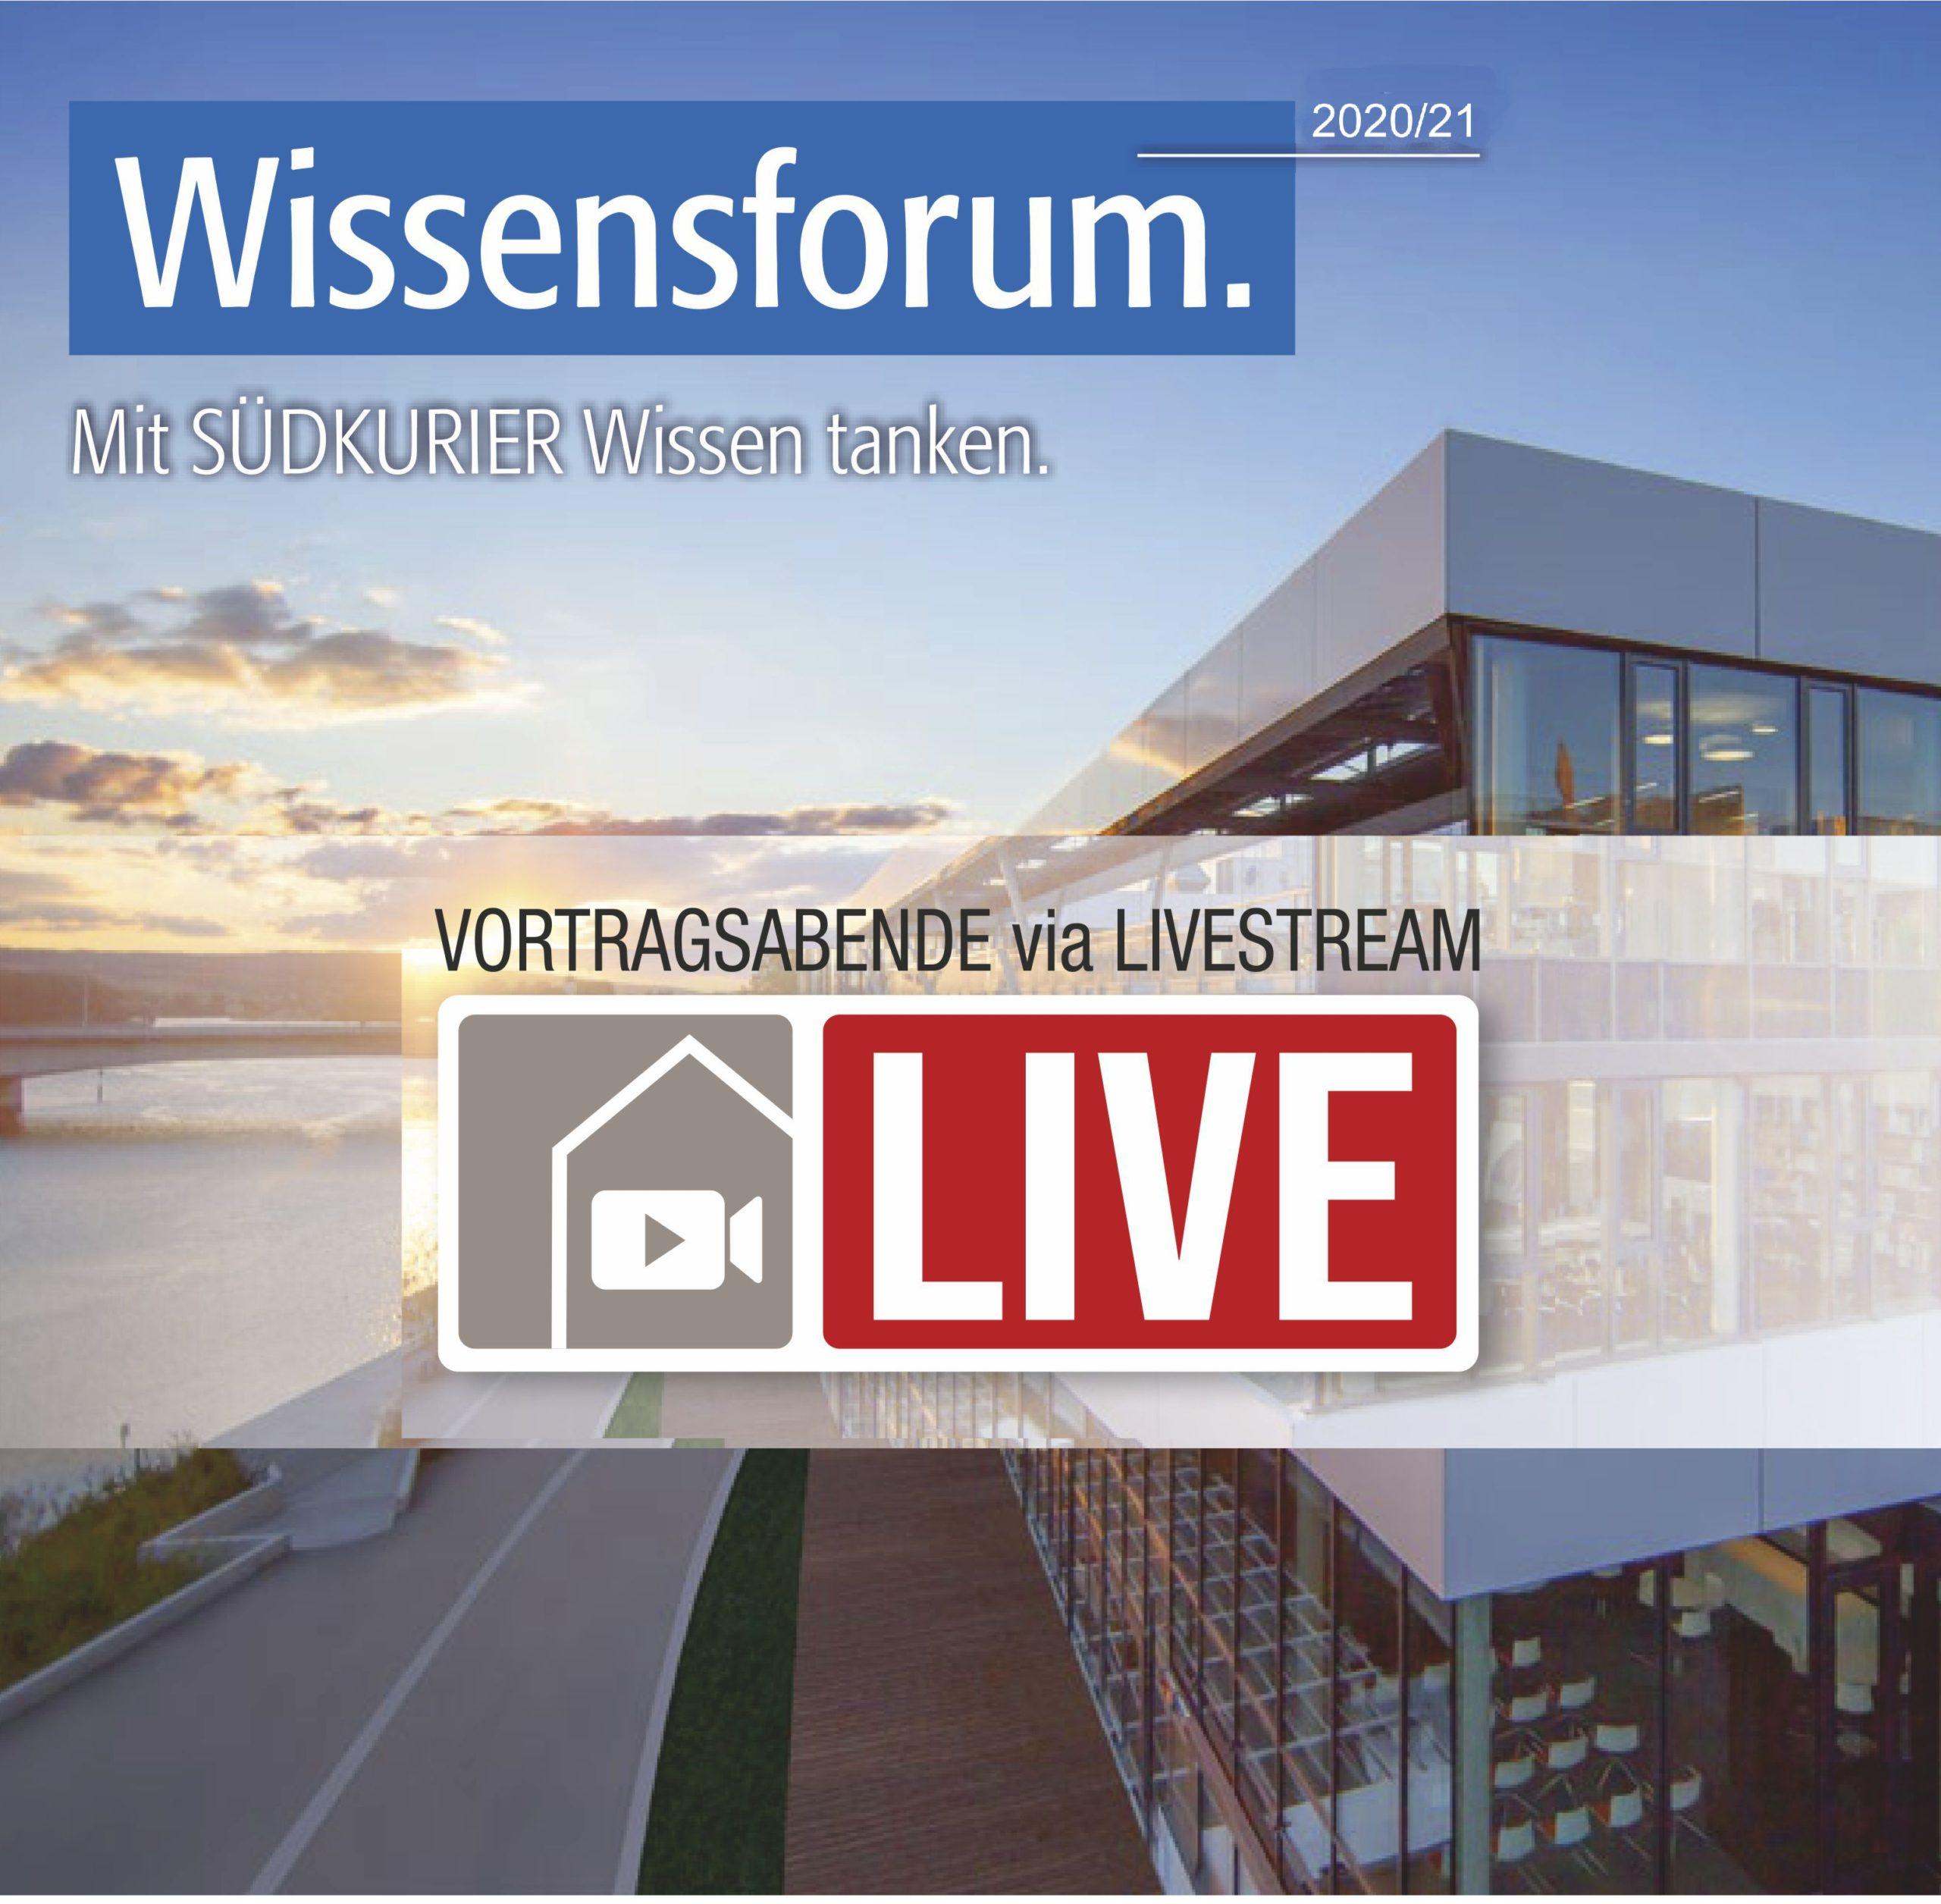 WISSENSFORUM.SÜDKURIER 2020/21 Konstanz